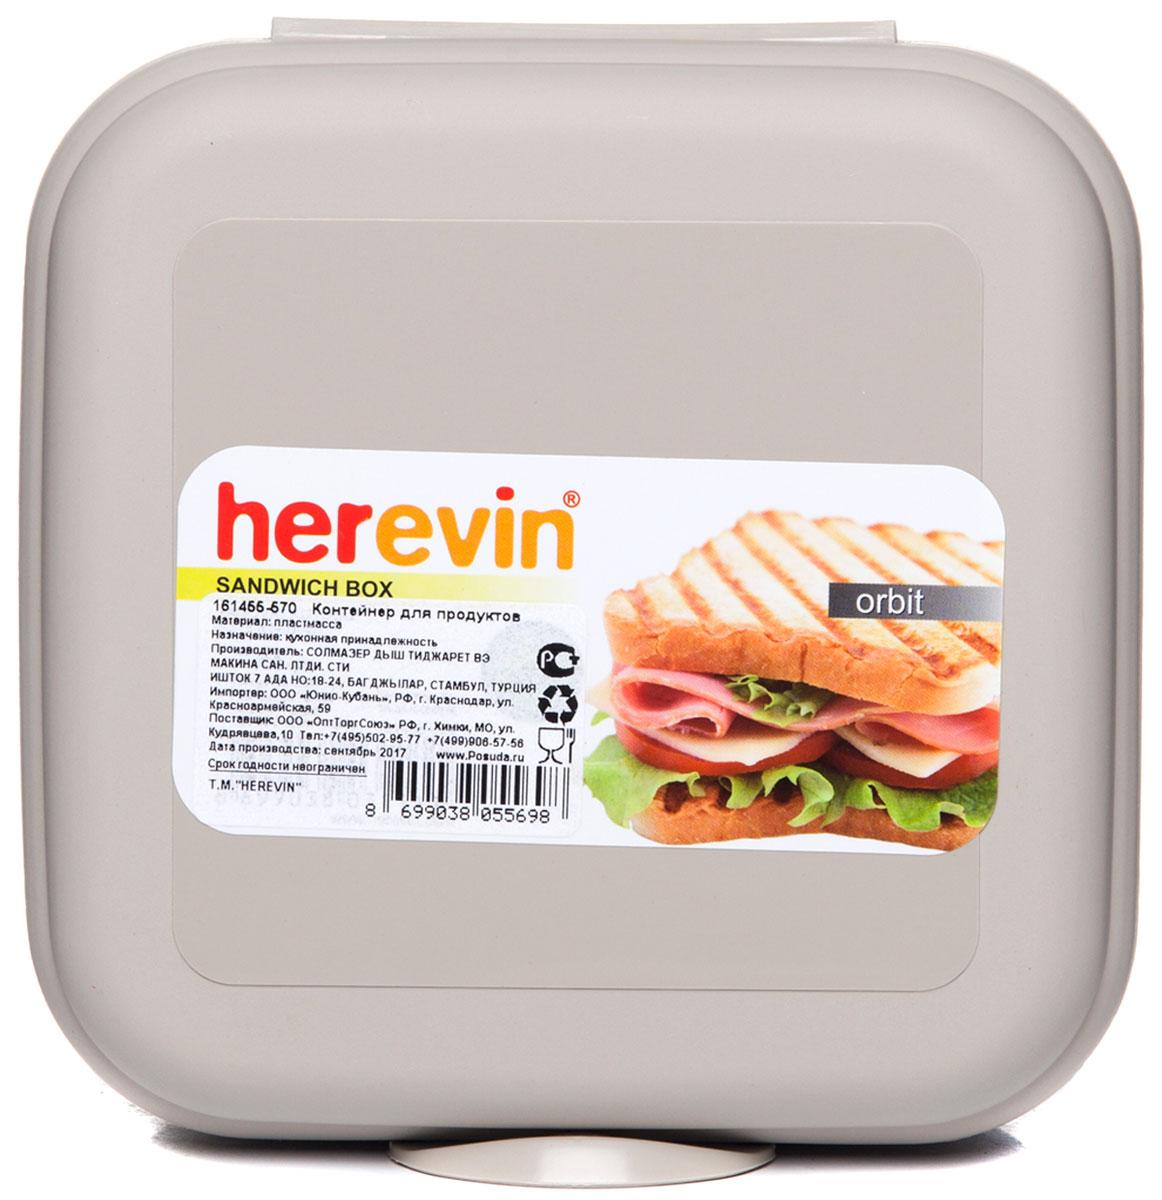 """Контейнер """"Herevin"""" предназначен для хранения пищевых продуктов. Плотно и герметично закрывается, что позволяет сохранять продукты свежими долгое время.Такой контейнер подойдет для использования дома, его можно взять с собой на работу, учебу, в поездку."""